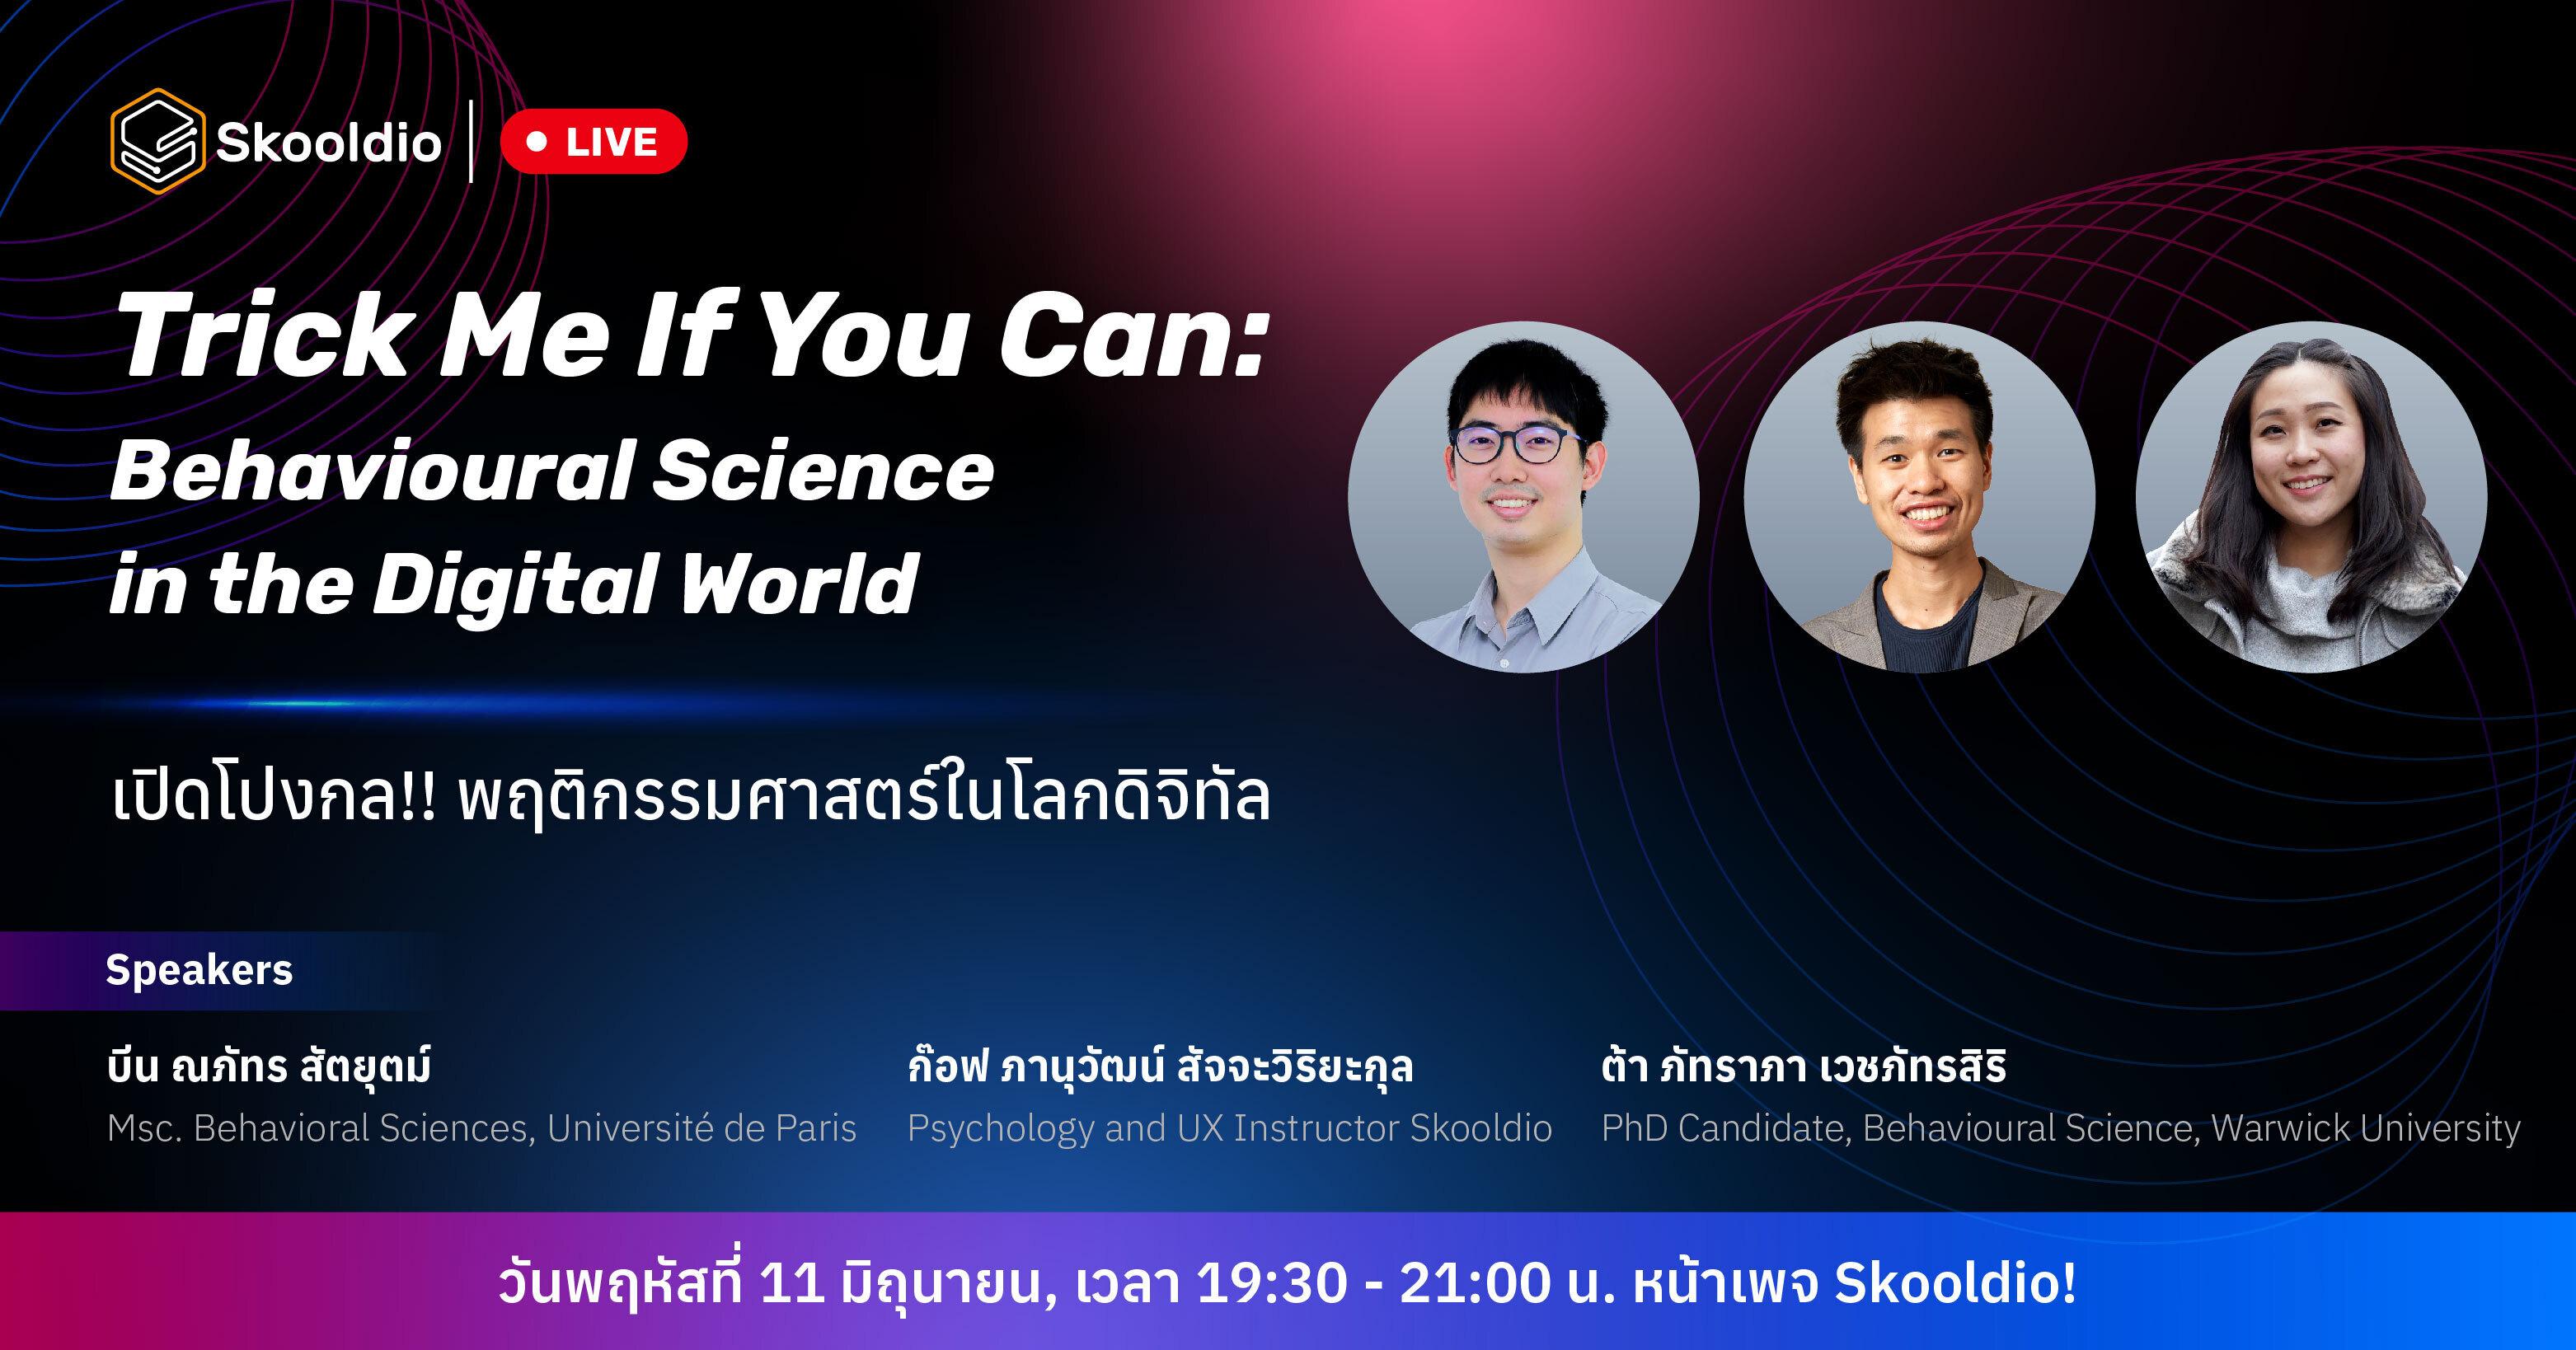 วิดีโอบันทึกงาน Trick Me If You Can: Behavioural Science in the Digital World | Skooldio Online Course: Behavioural Science in the Digital World